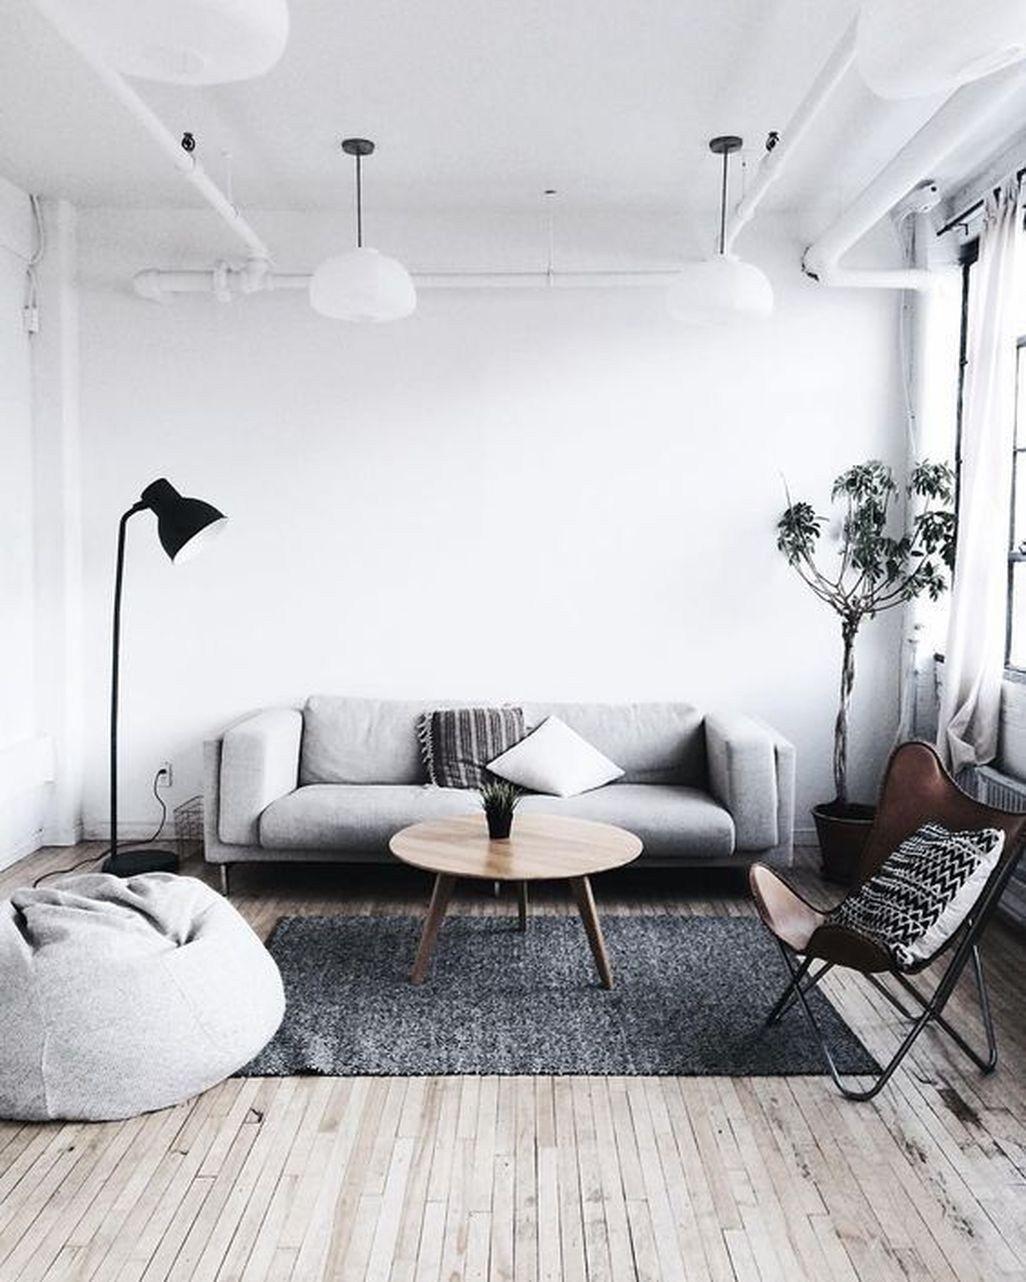 Minimalist Living Room Ideas Exploring Minimalism Have A Look At Our Leadi Minimalist Living Room Decor Modern Minimalist Living Room Minimalist Living Room